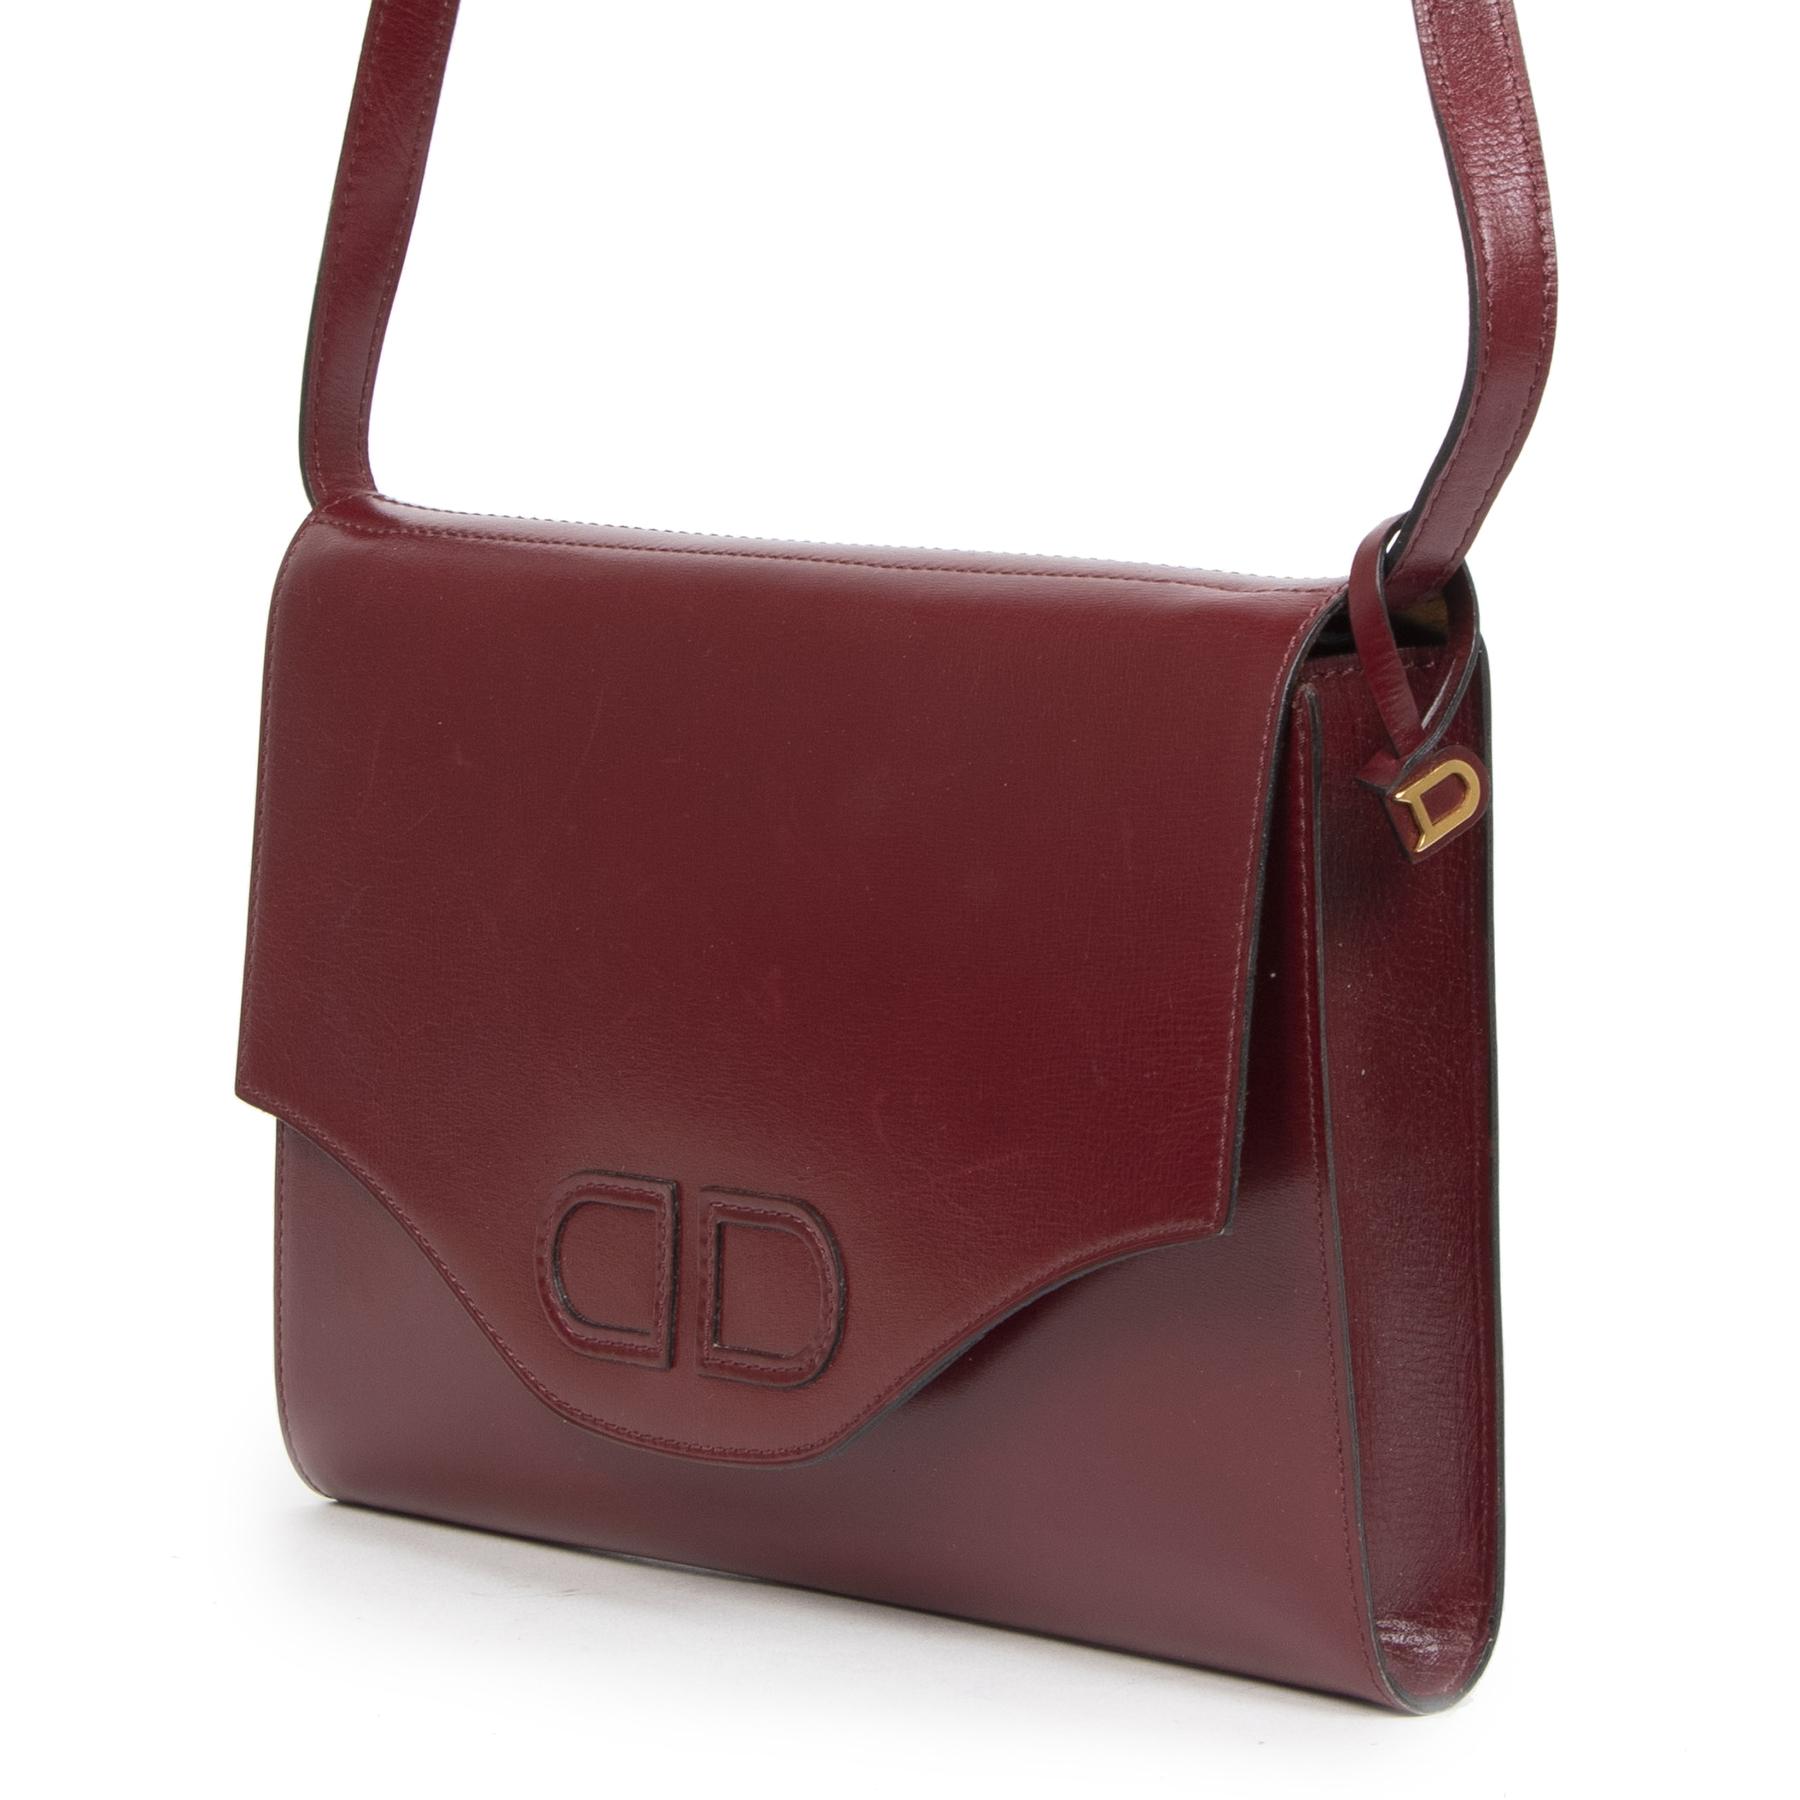 Authentieke Tweedehands Delvaux Bordeaux Leather Bag juiste prijs veilig online shoppen luxe merken webshop winkelen Antwerpen België mode fashion